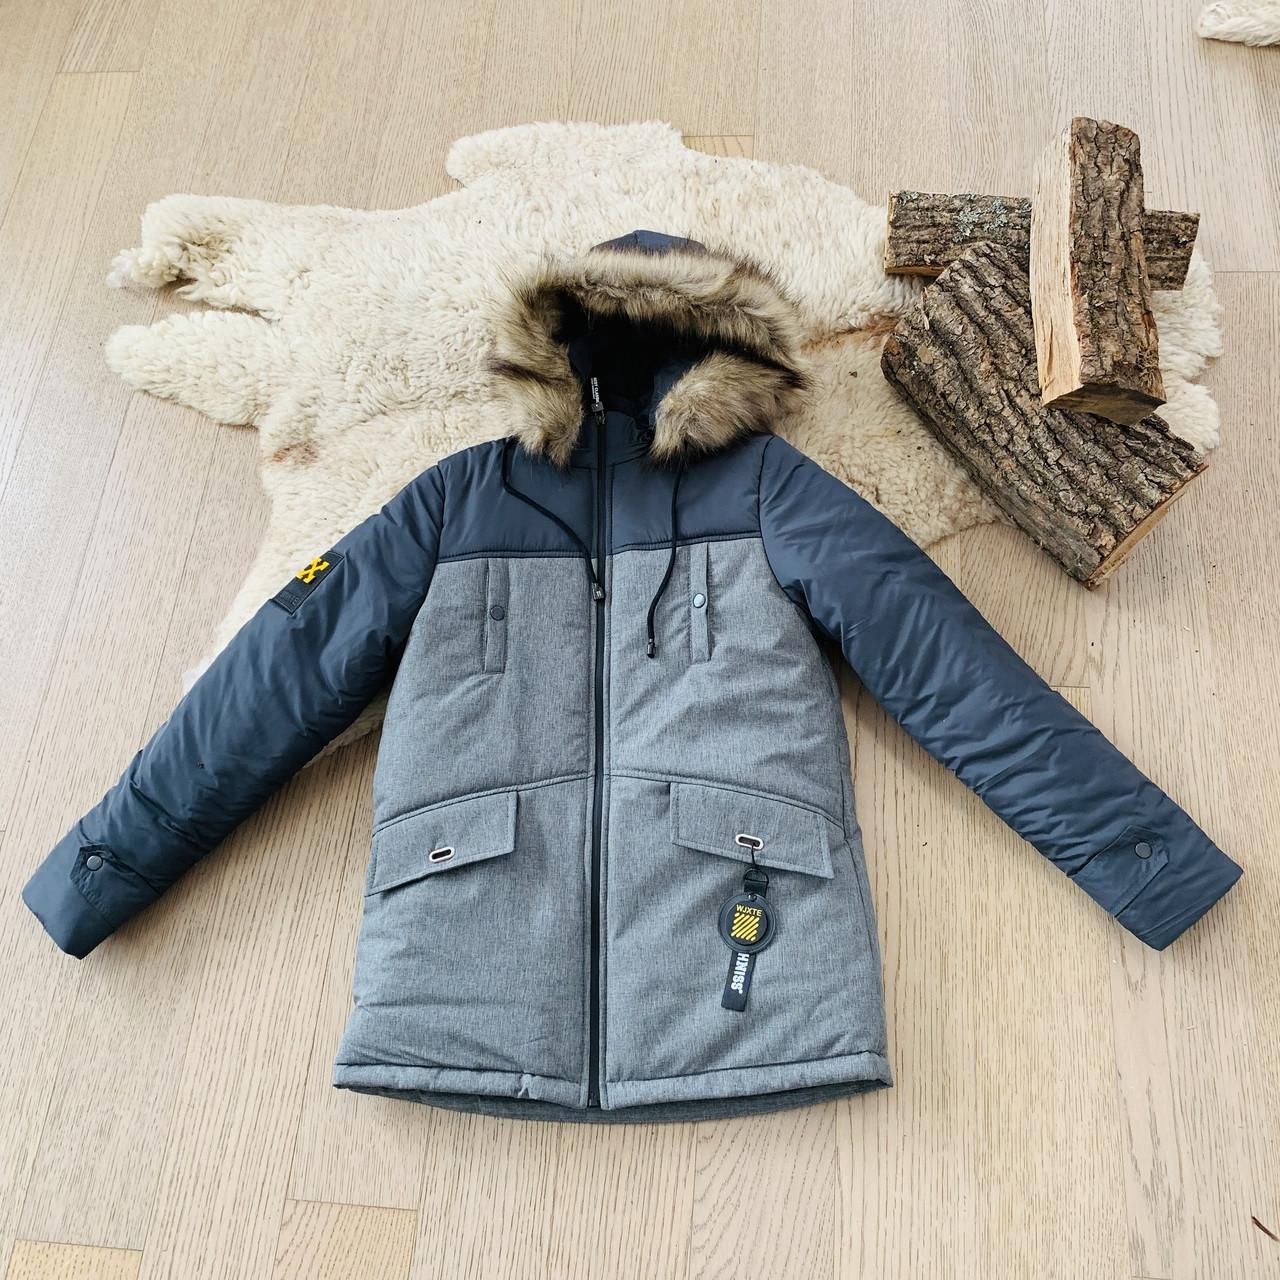 Зимняя куртка на мальчика 11-15 лет, 3030